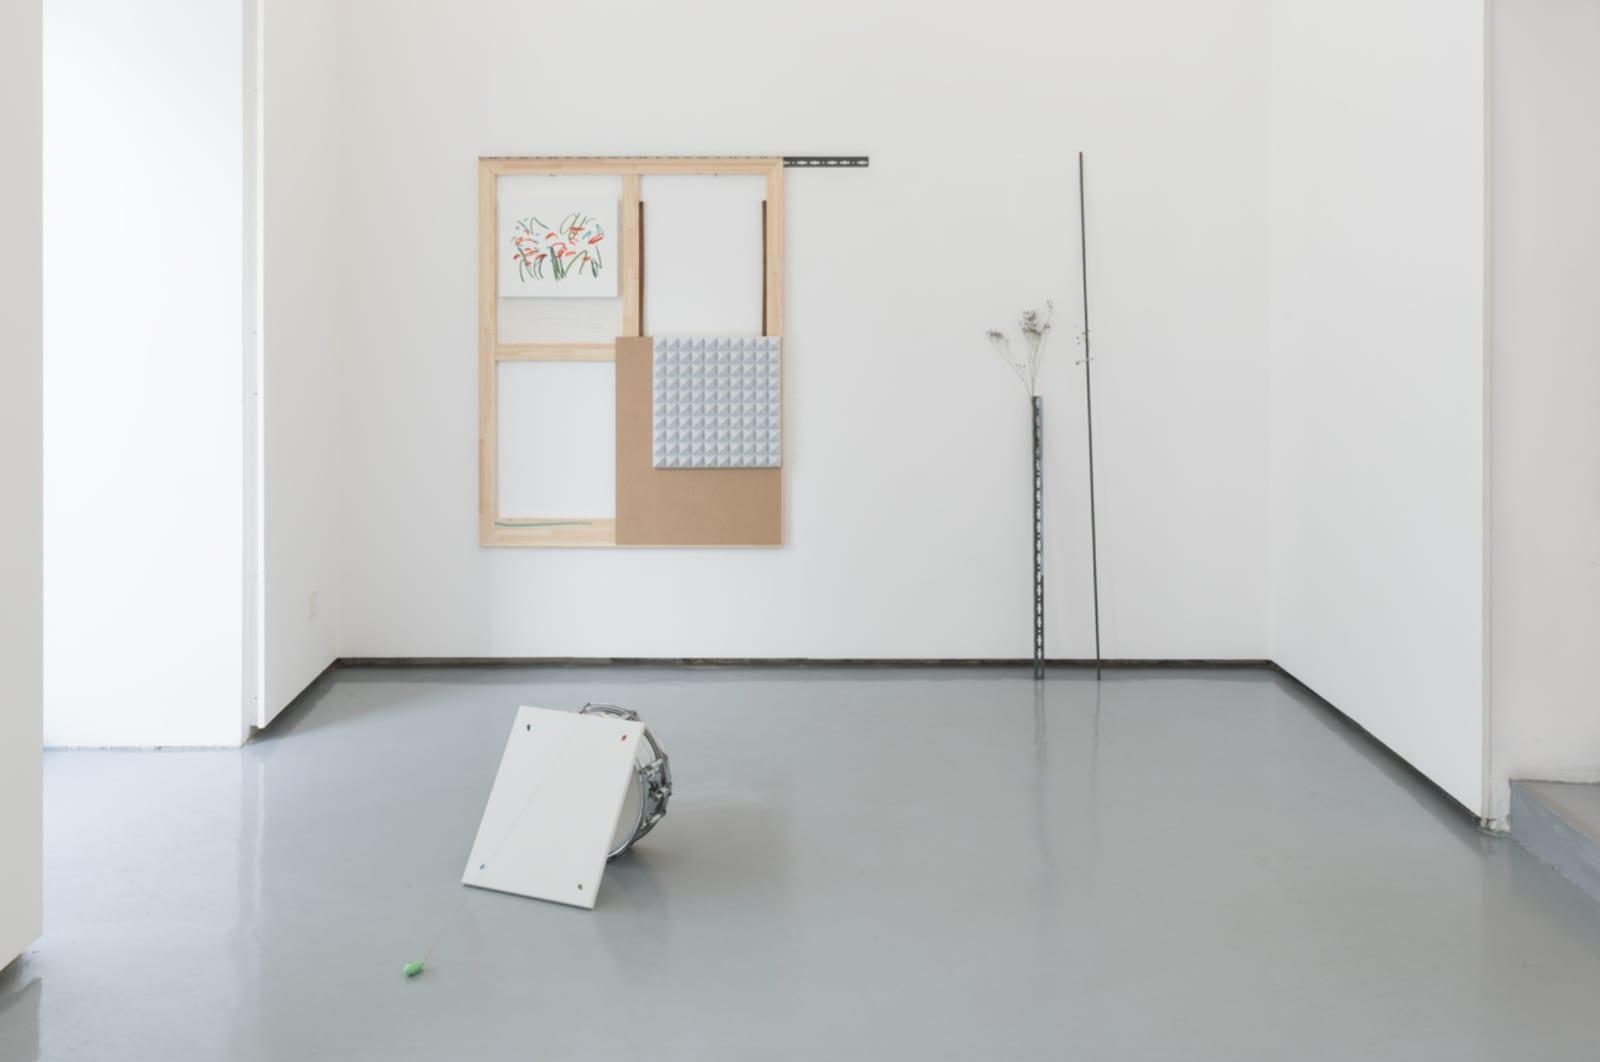 Del disegno e del deserto rosso, exhibition view at The Goma, Madrid, 2018